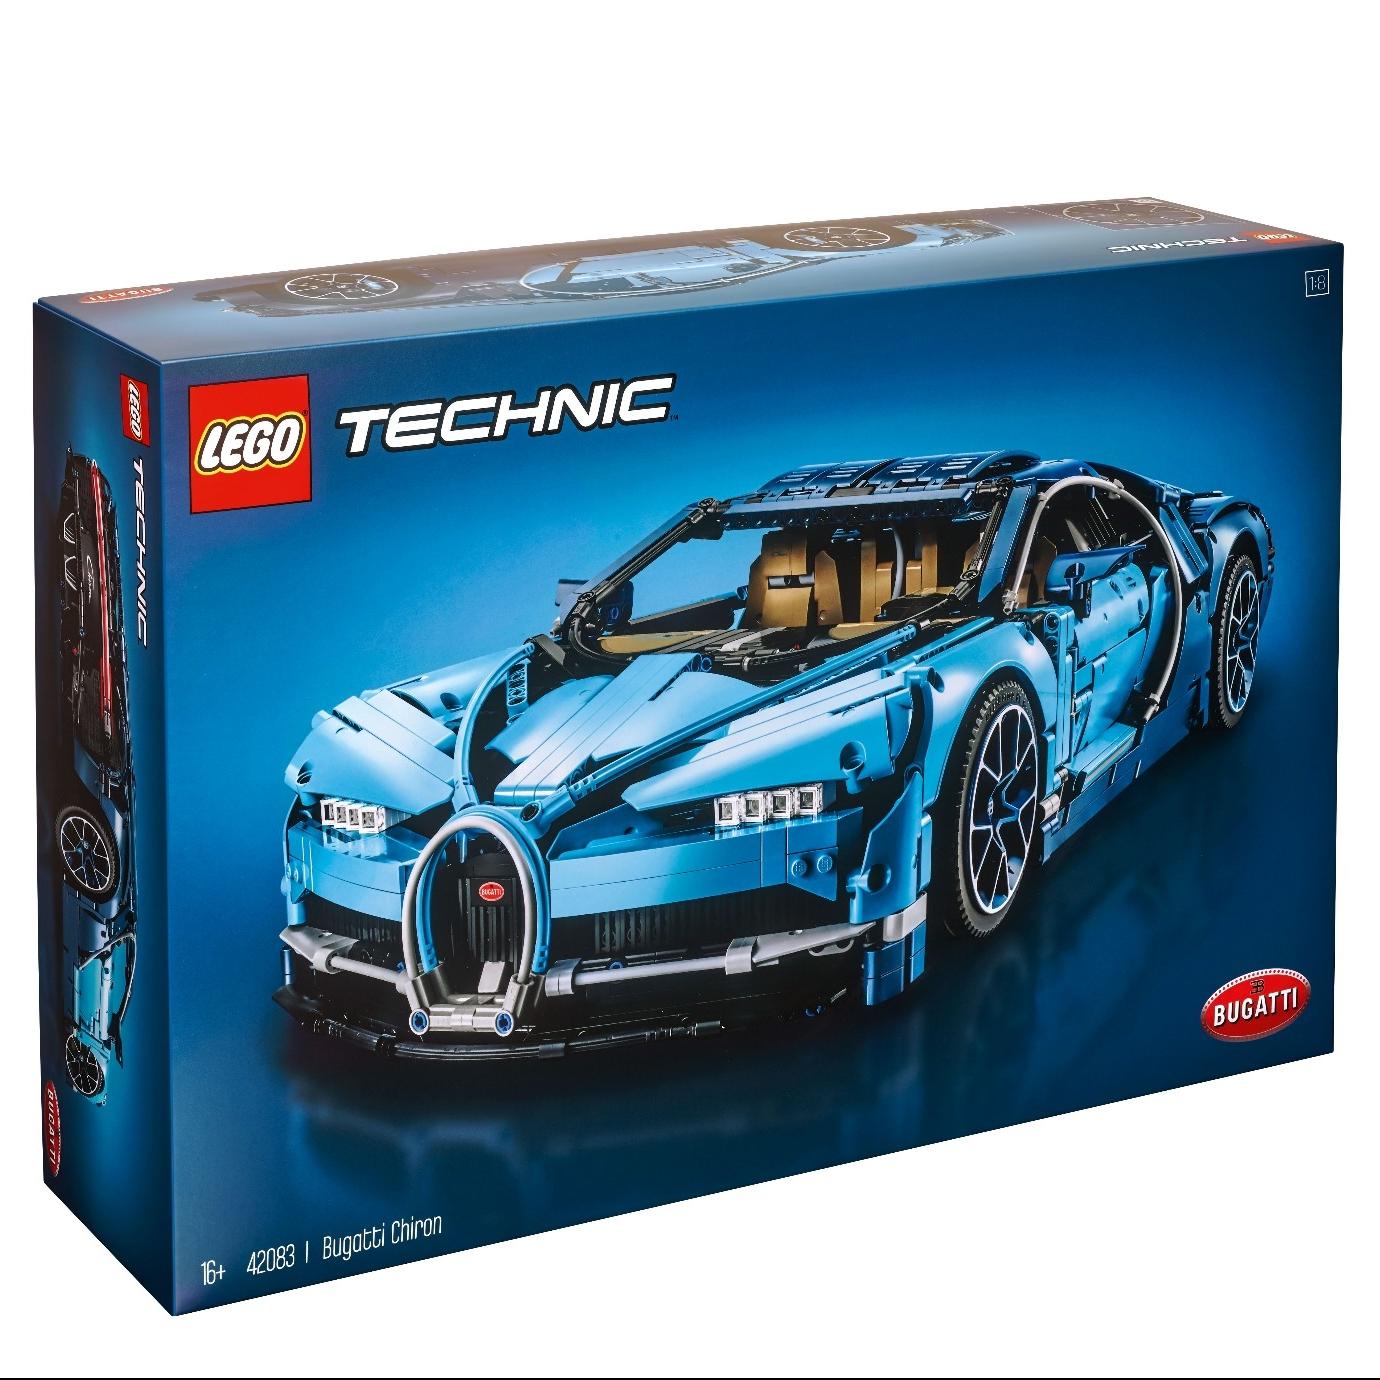 百亿补贴 : LEGO 乐高 2018 Technic 科技系列 超旗舰 42083 布加迪奇龙